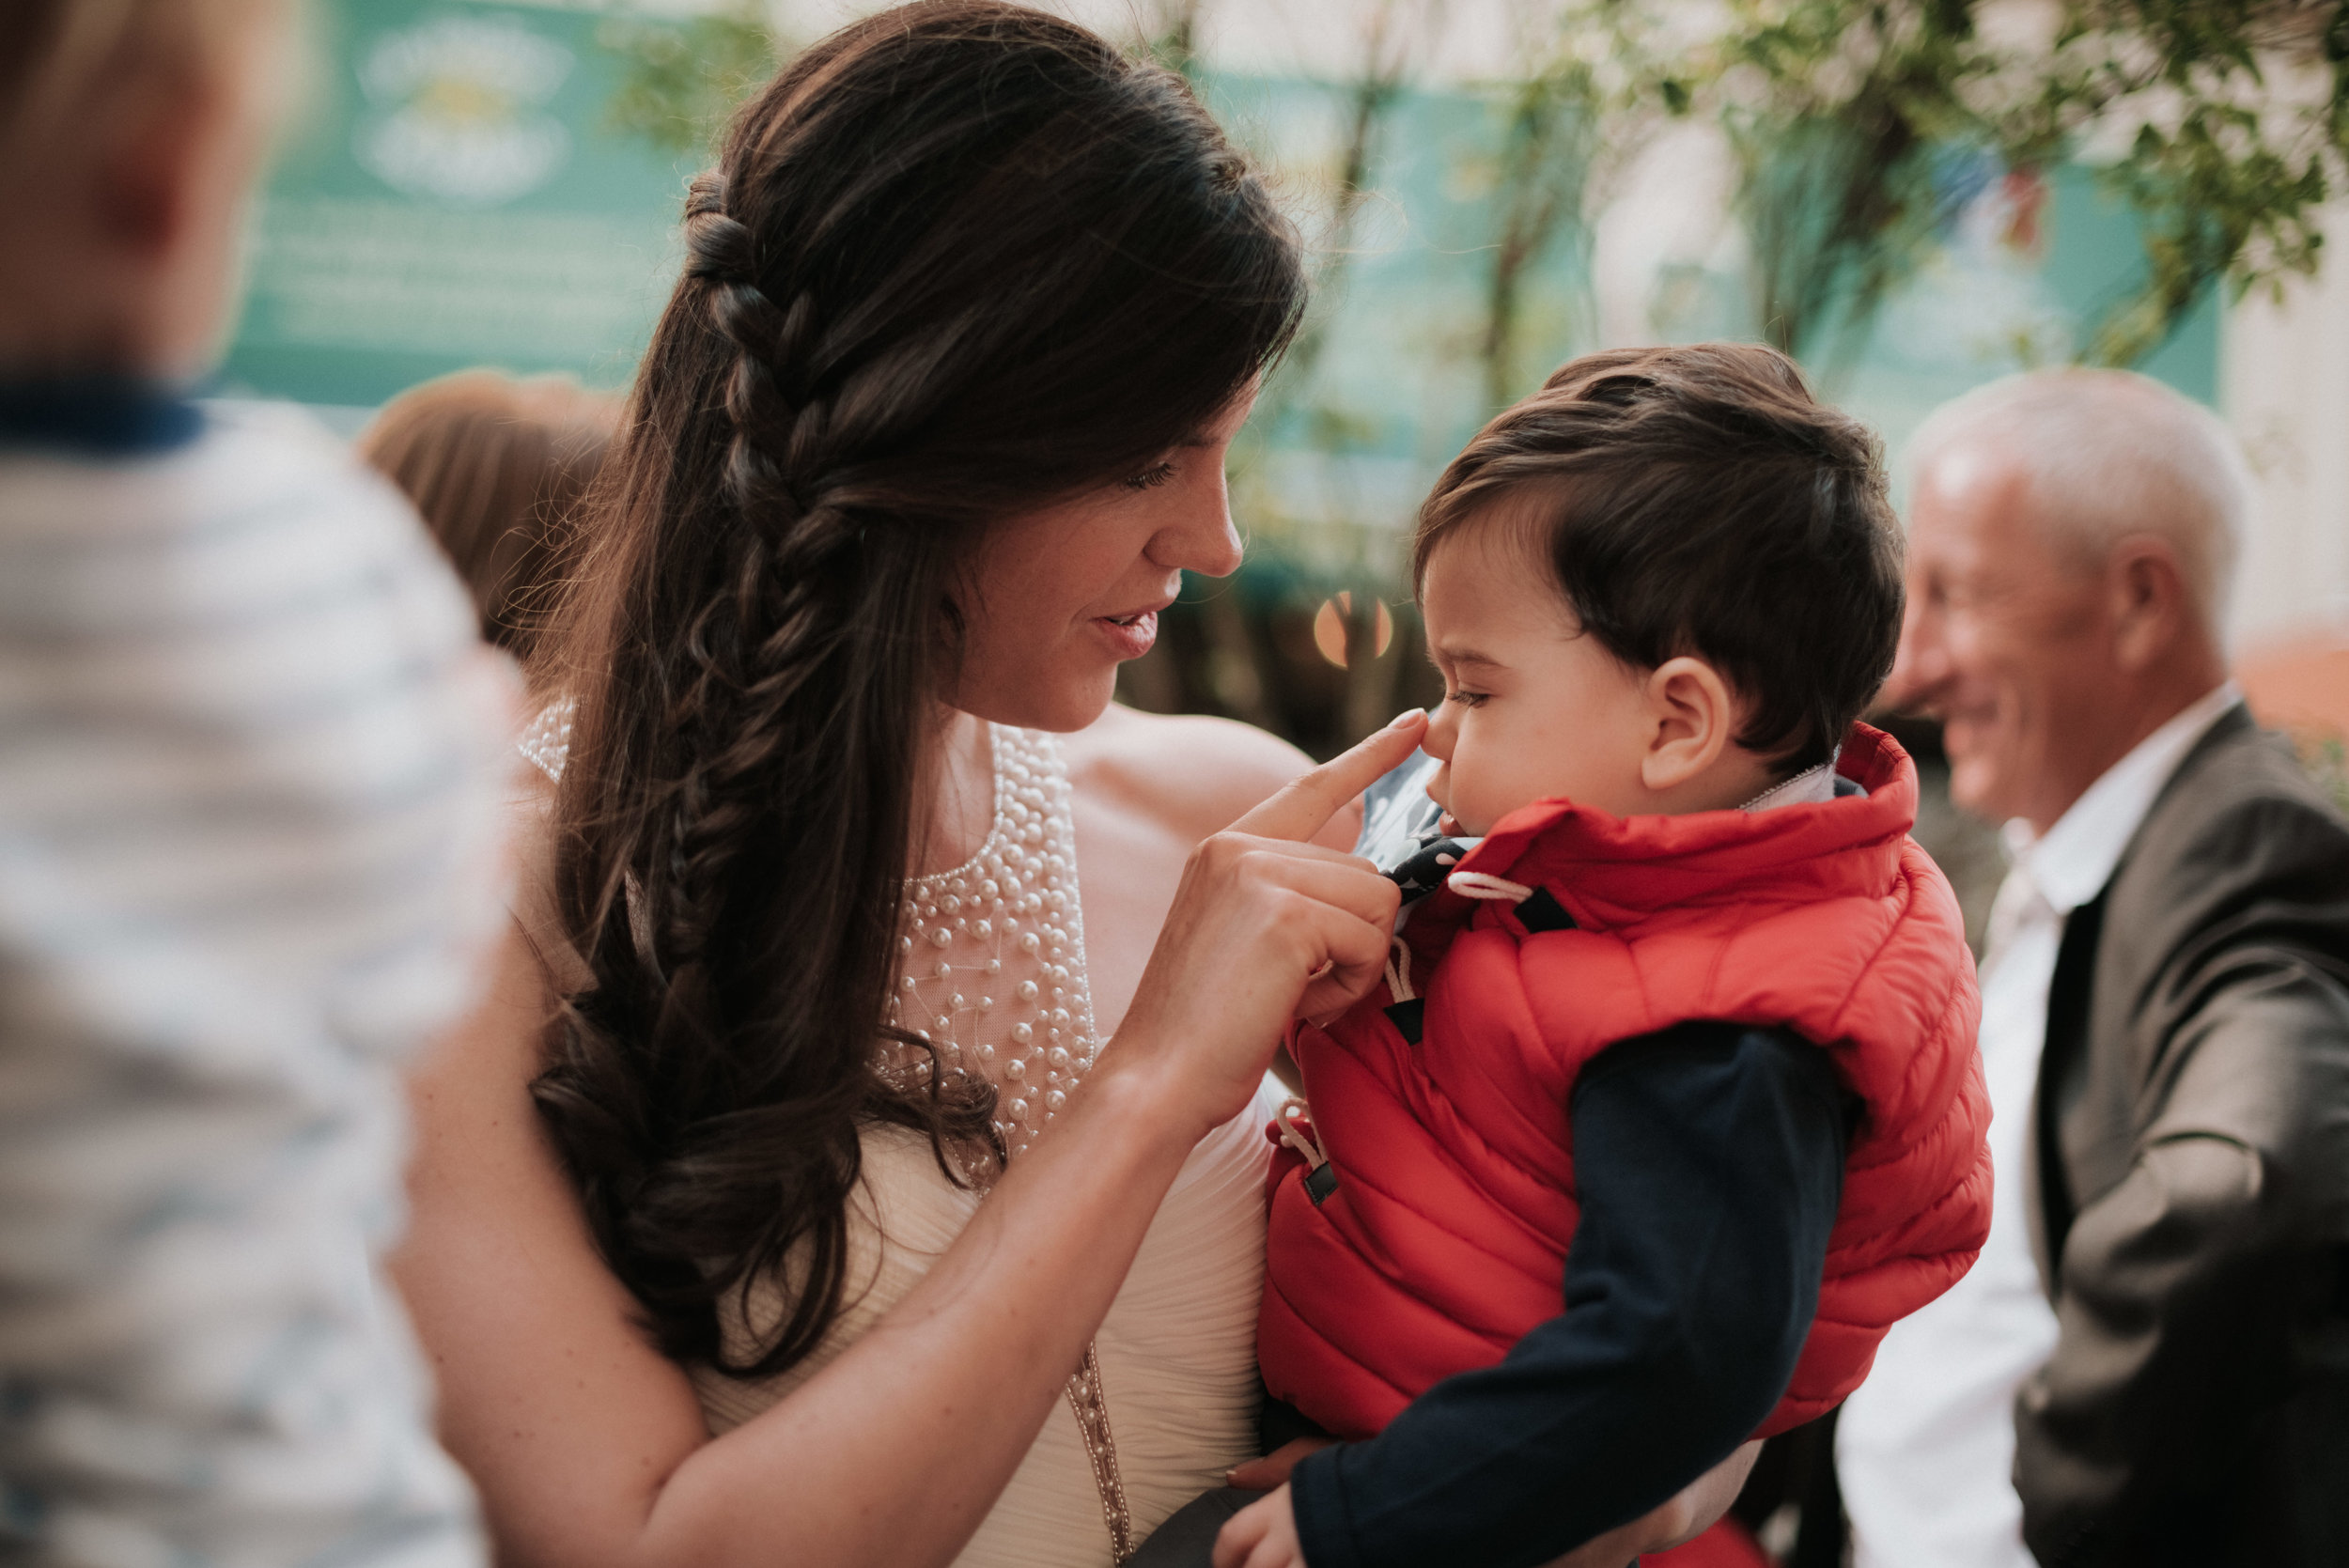 Léa-Fery-photographe-professionnel-lyon-rhone-alpes-portrait-creation-mariage-evenement-evenementiel-famille-7981.jpg